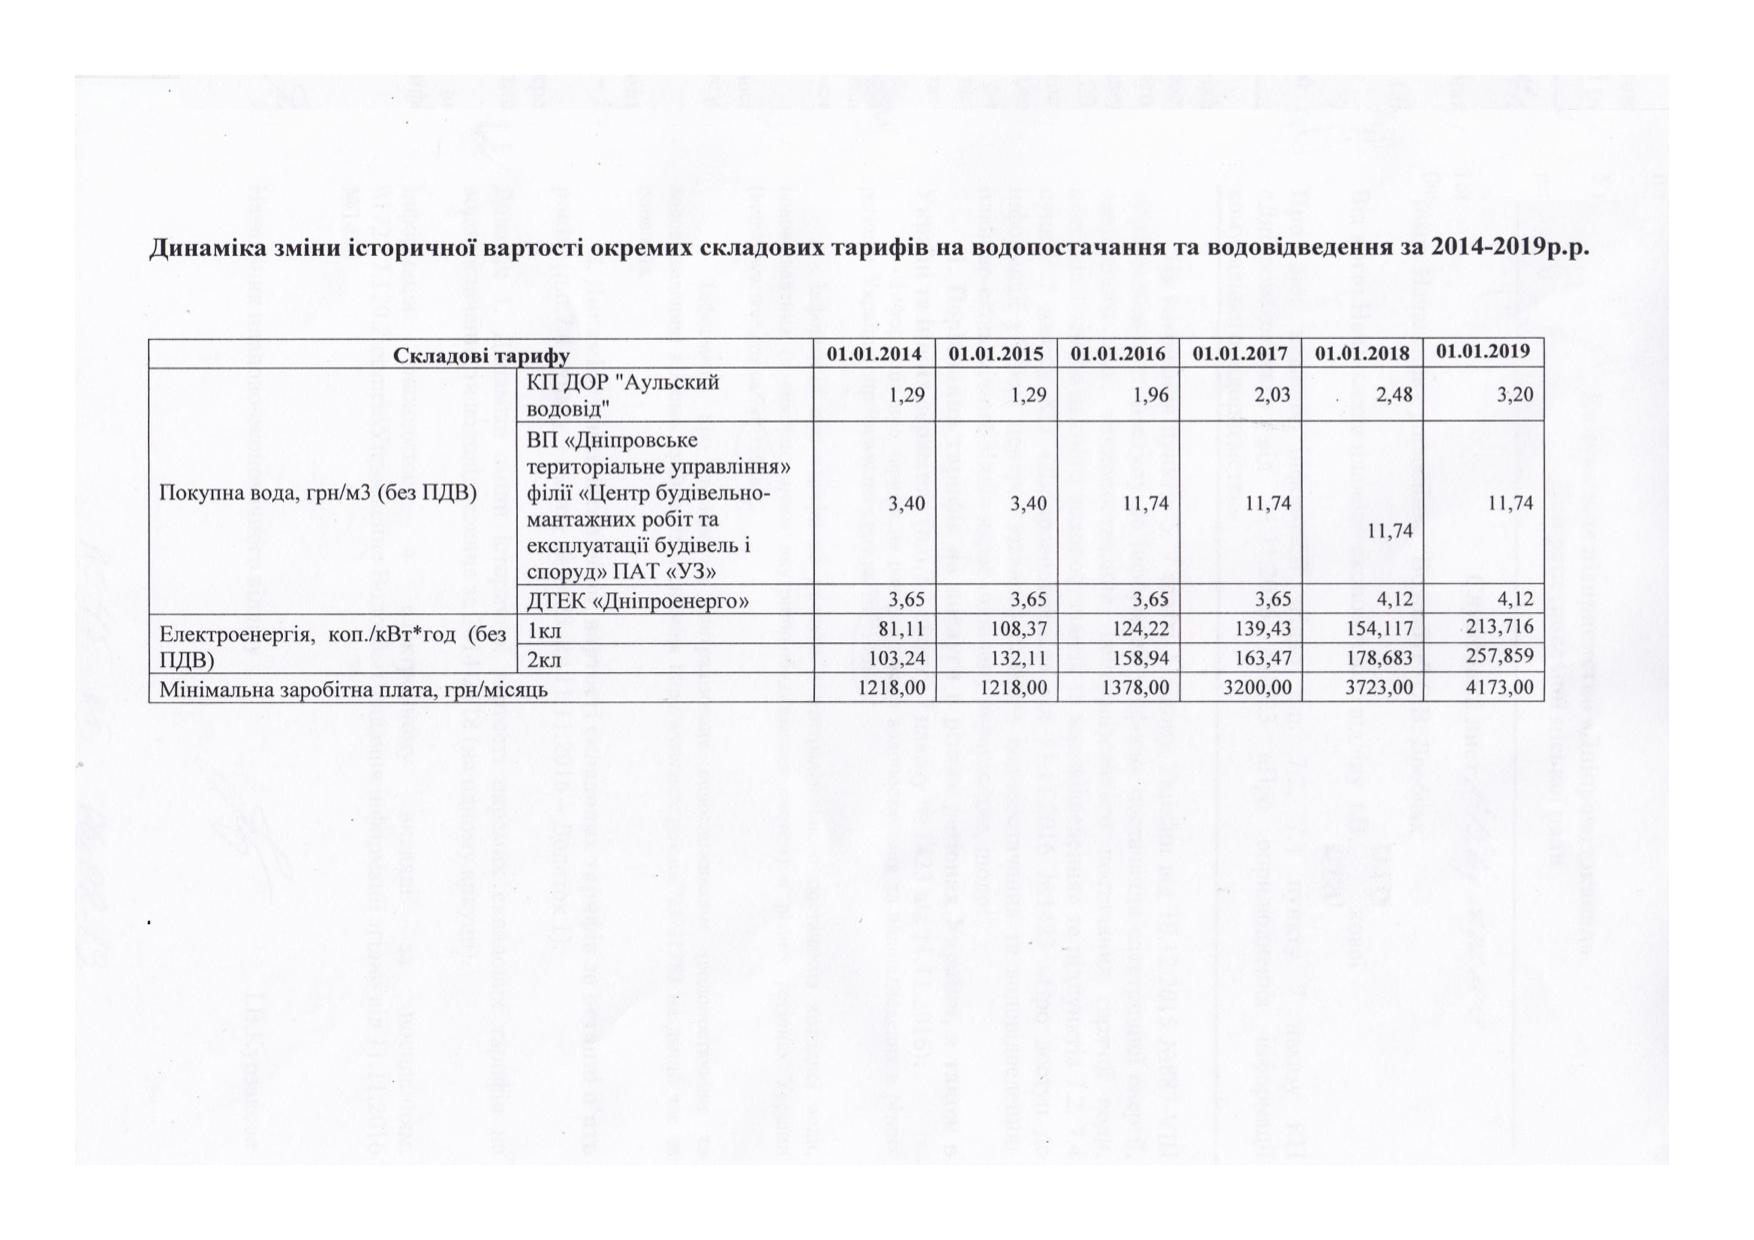 Динаміка зміни історичної вартості окремих складових тарифів на водопостачання та водовідведення за 2013-2018 рр.